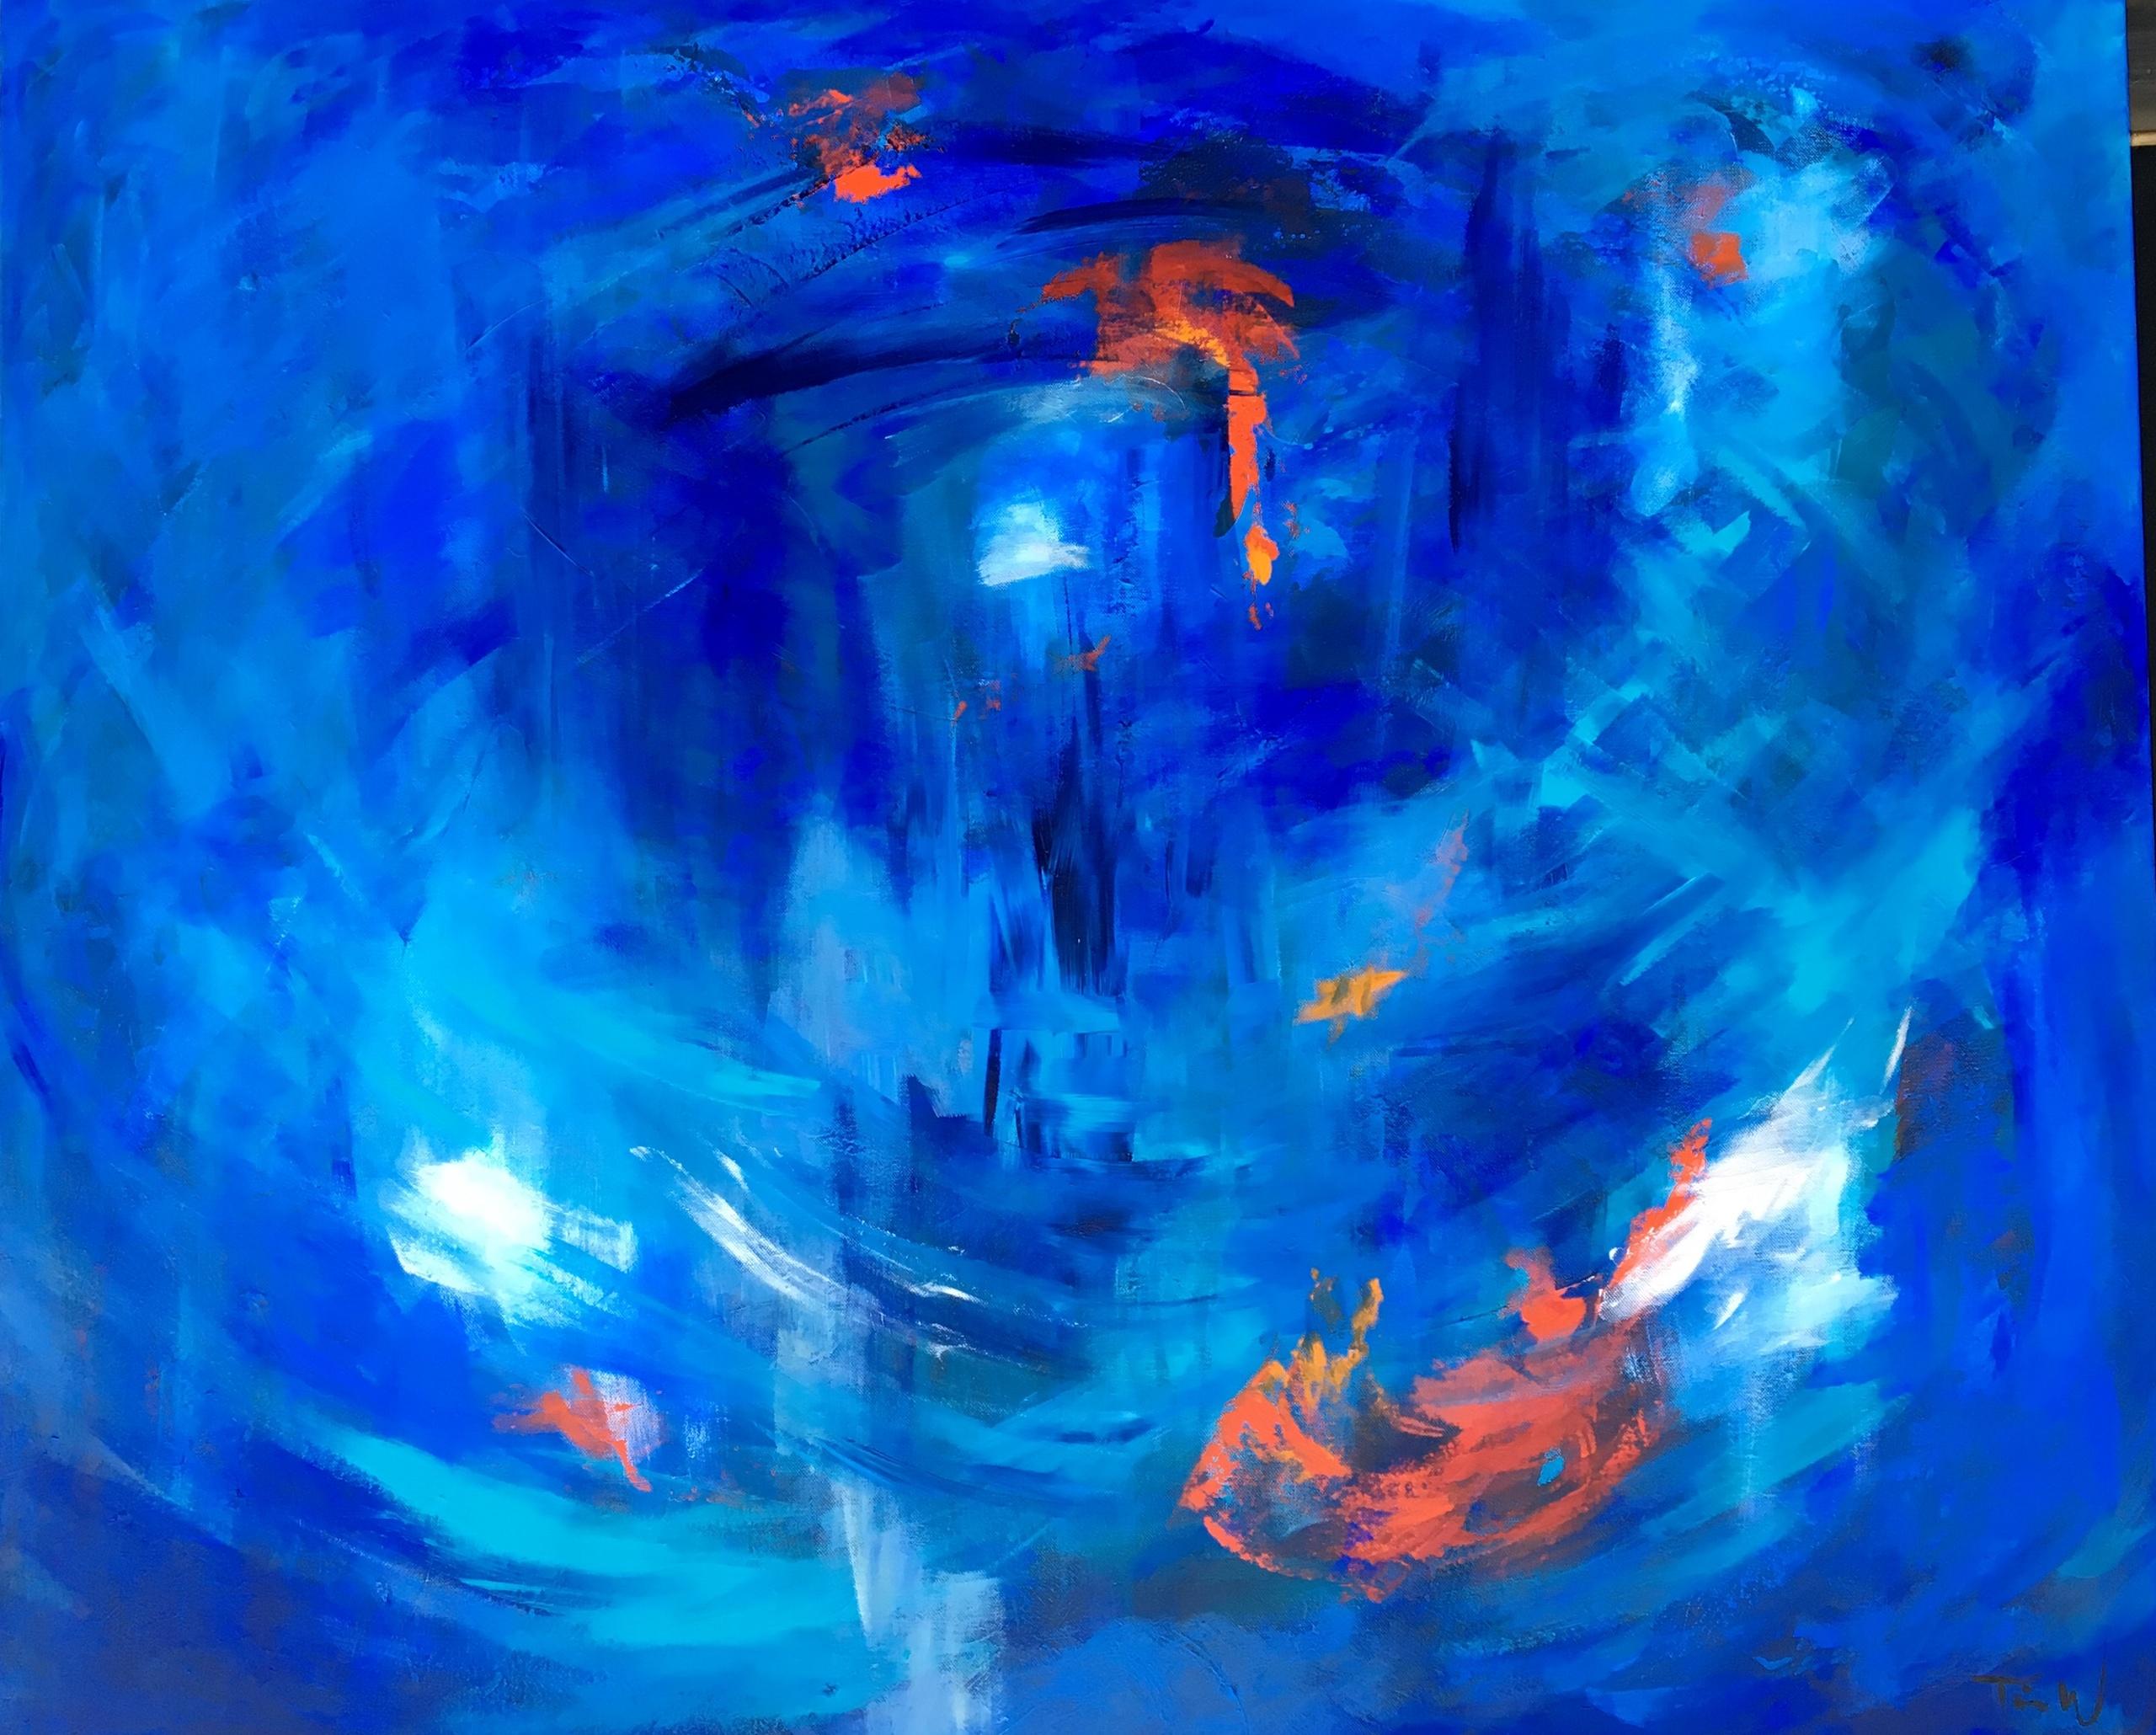 Mange af mine  malerier er inspireret af fascination af vandhvirvlerne.